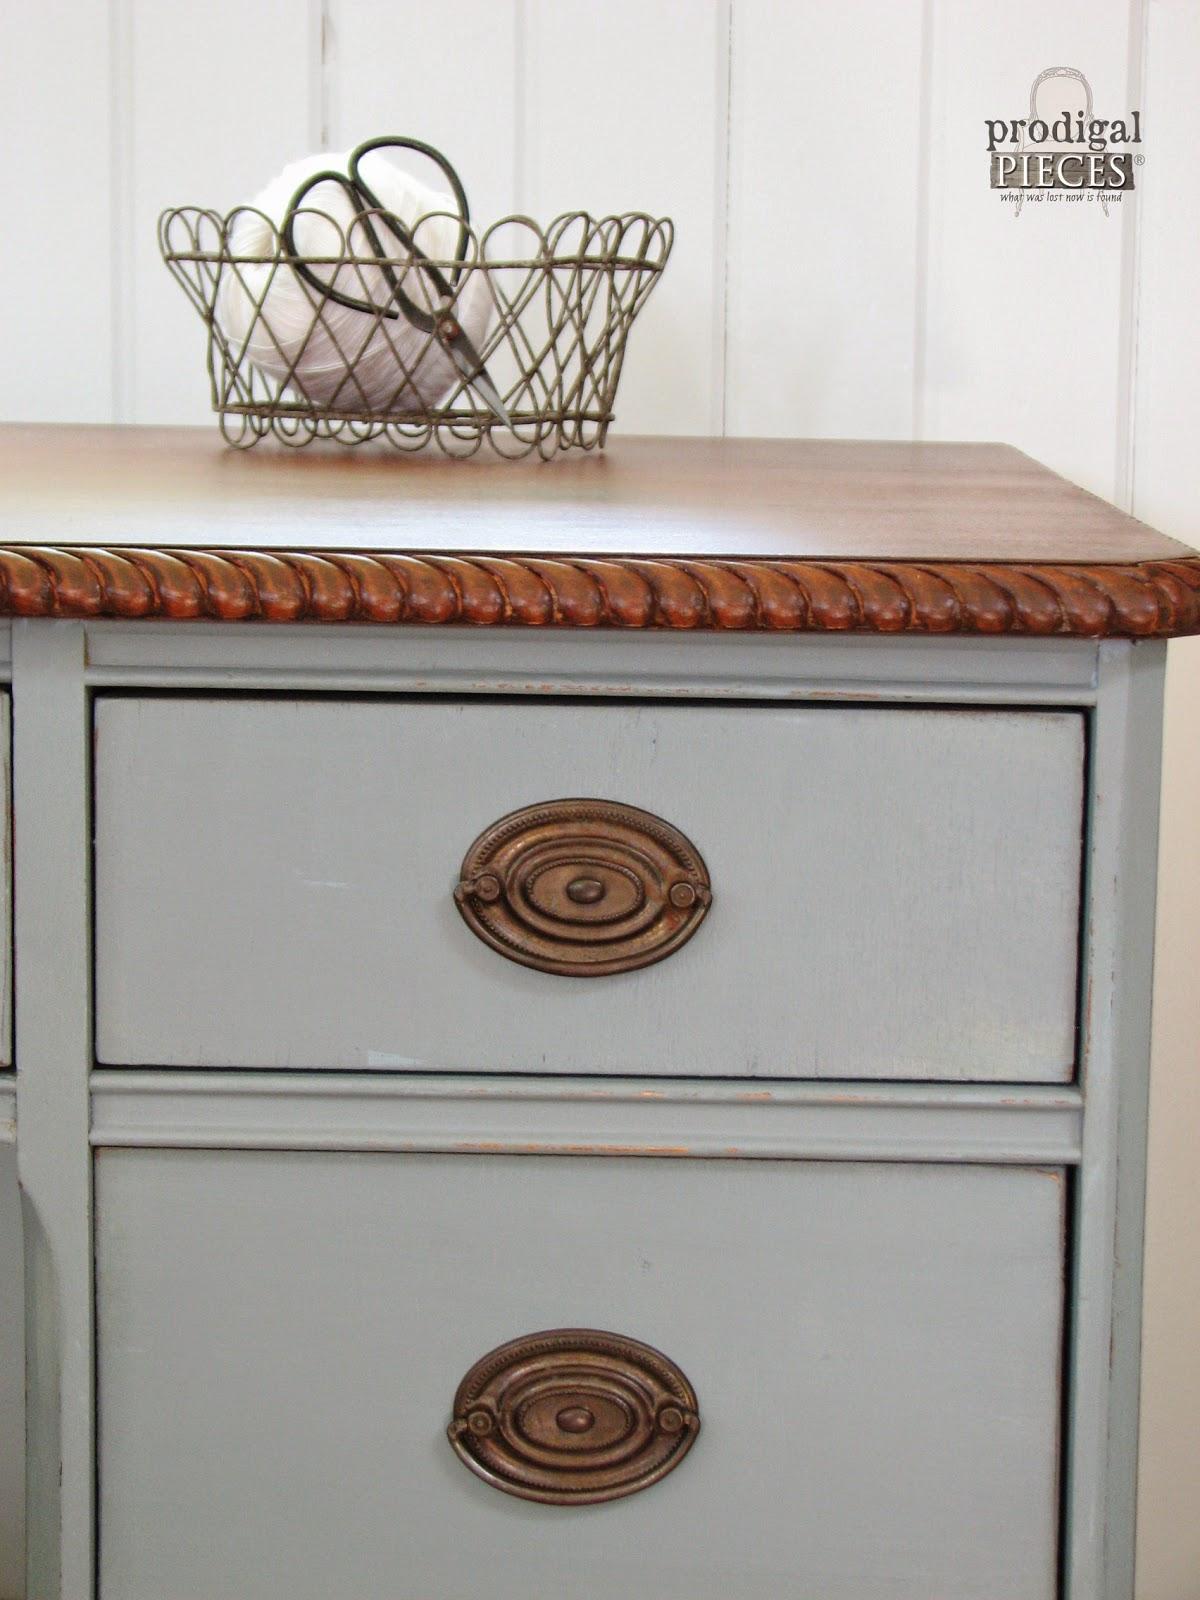 An Antique Desk Makeover by Prodigal Pieces via http://www.prodigalpieces.com